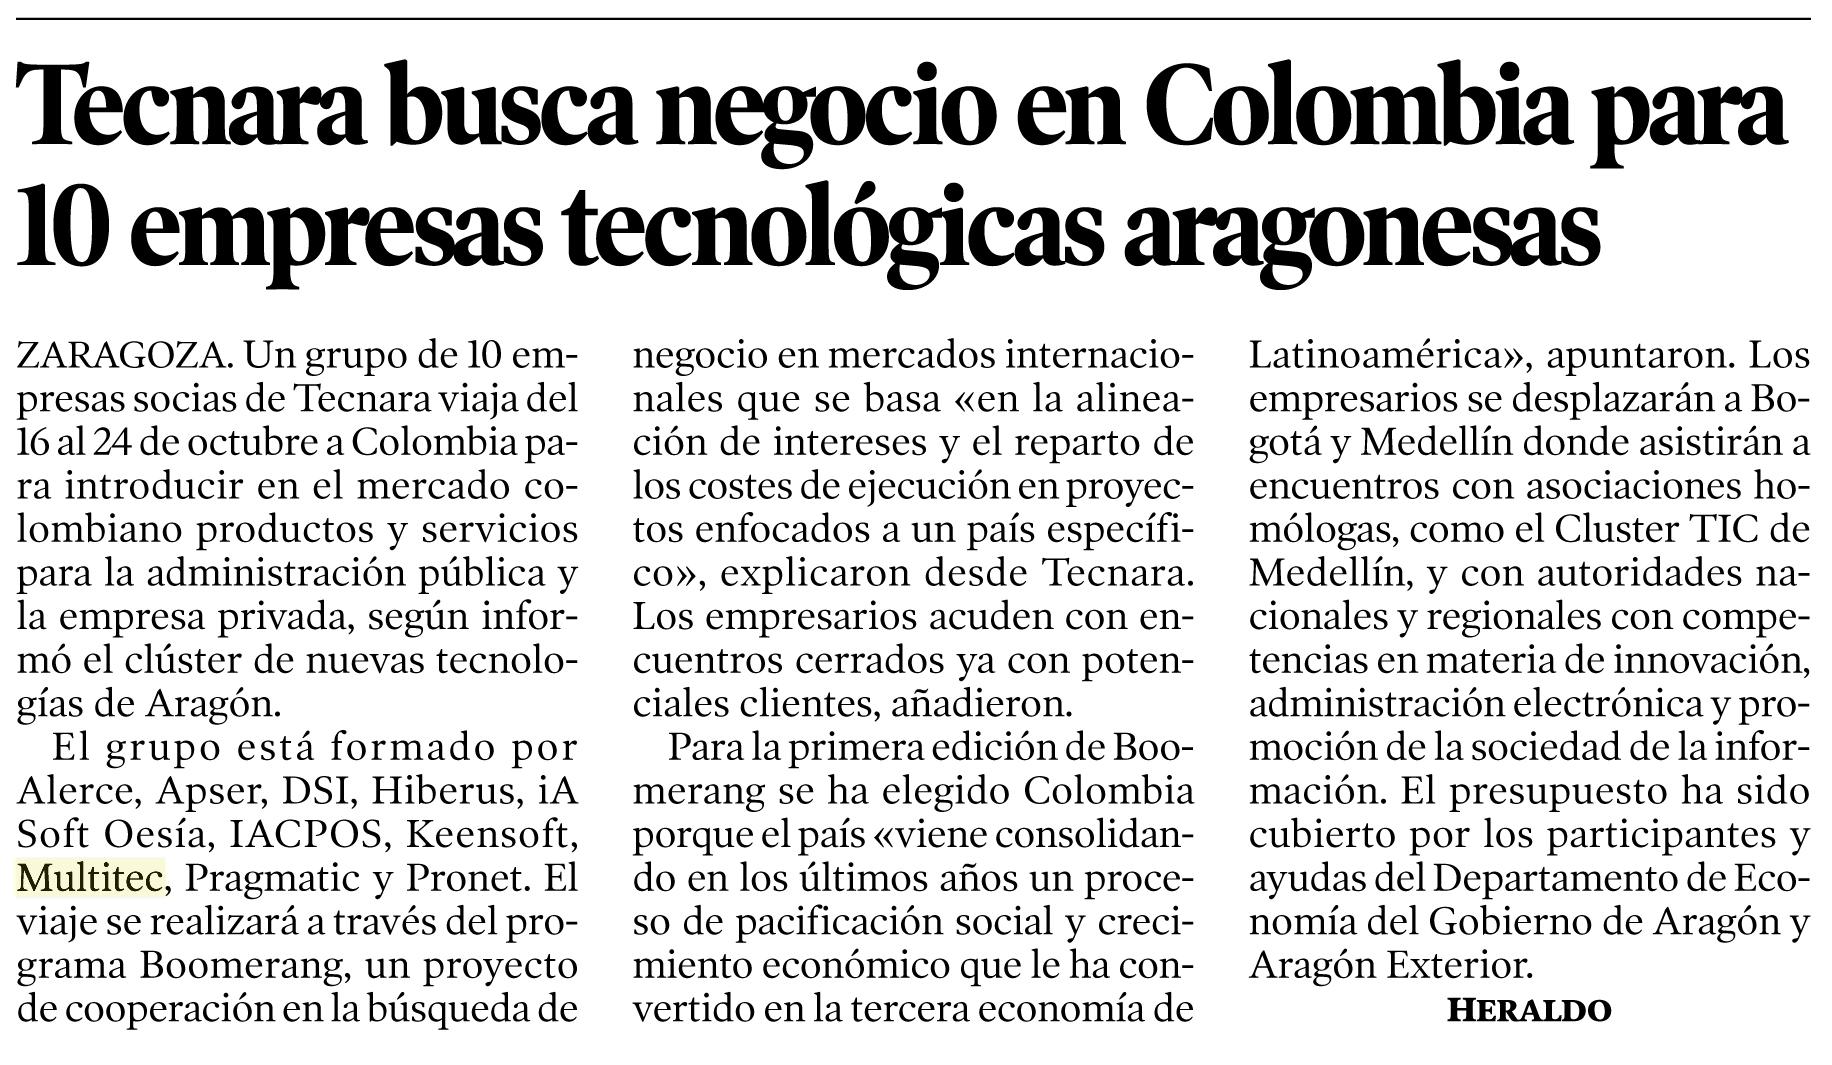 Nota en El Heraldo de Aragón sobre el acercamiento al mercado colombiano